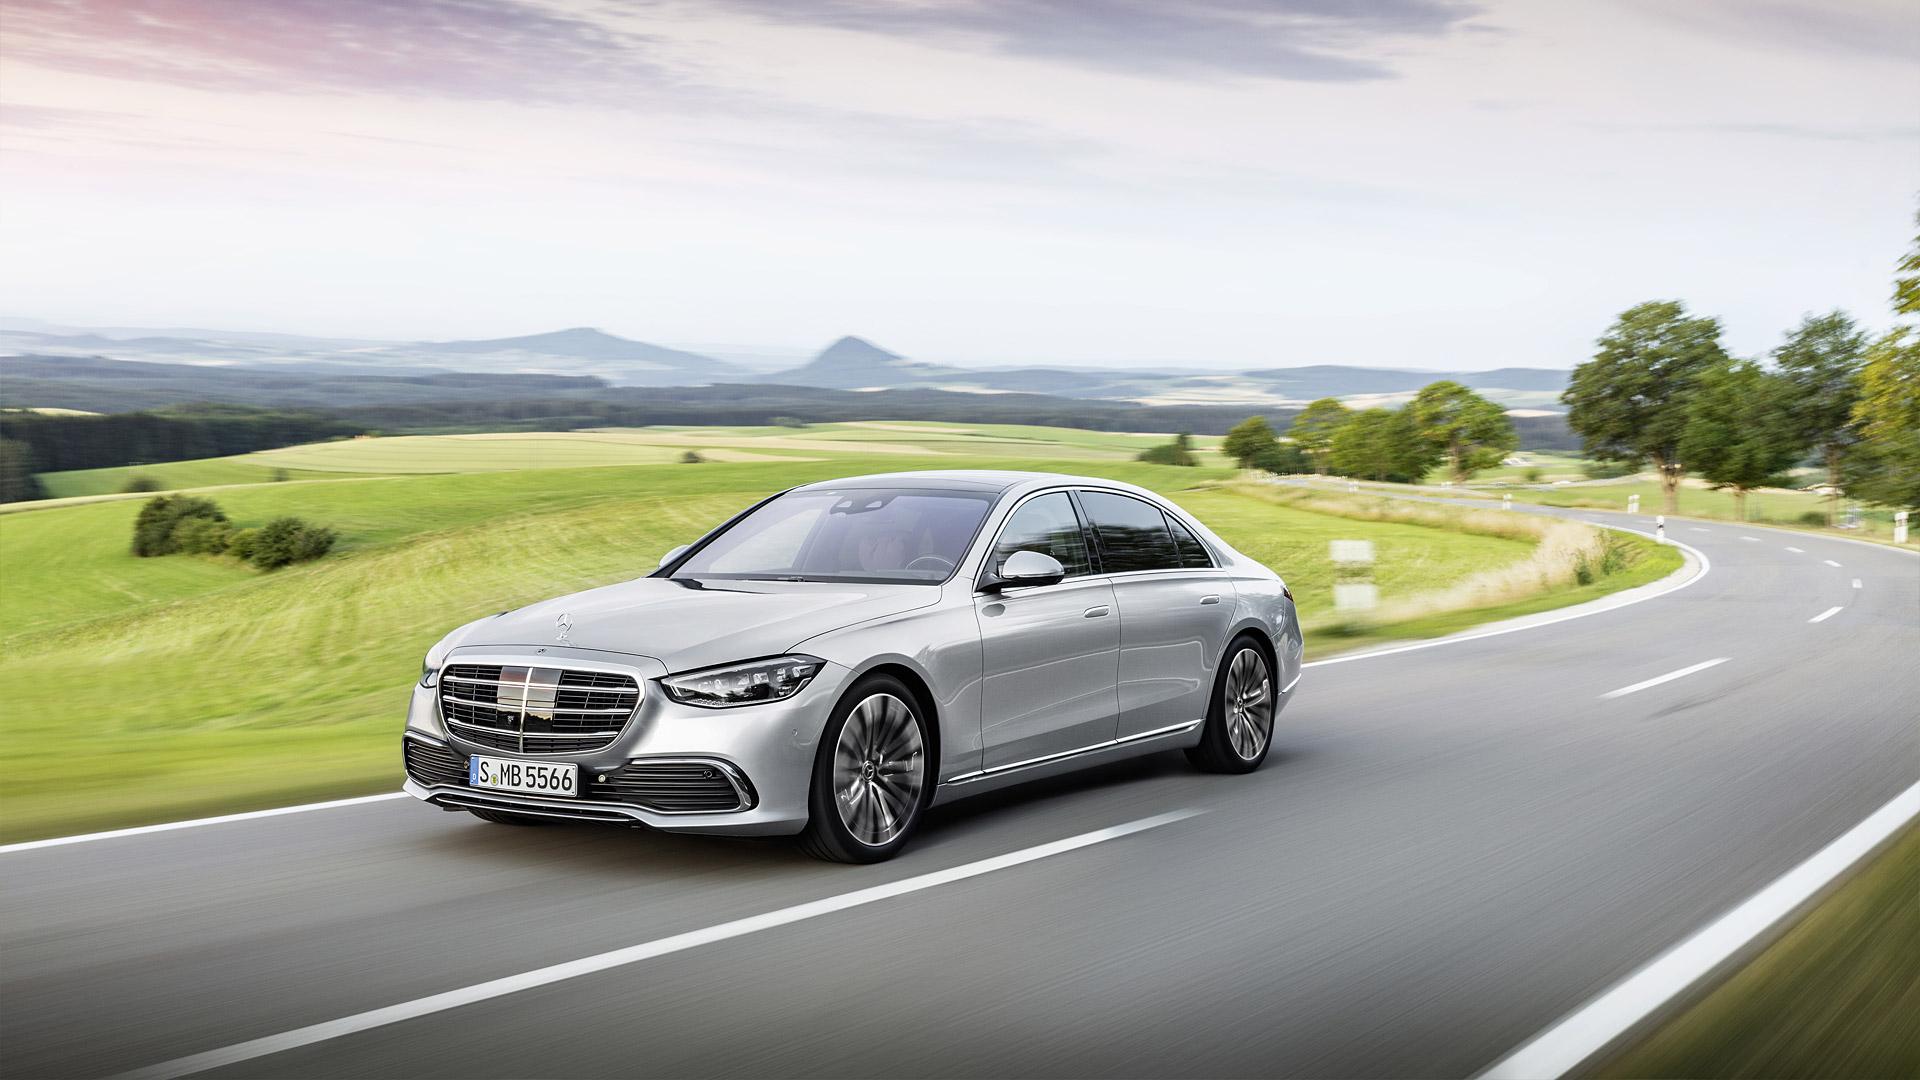 2021 Mercedes Benz S Class Wallpapers Specs Videos   4K HD 1920x1080